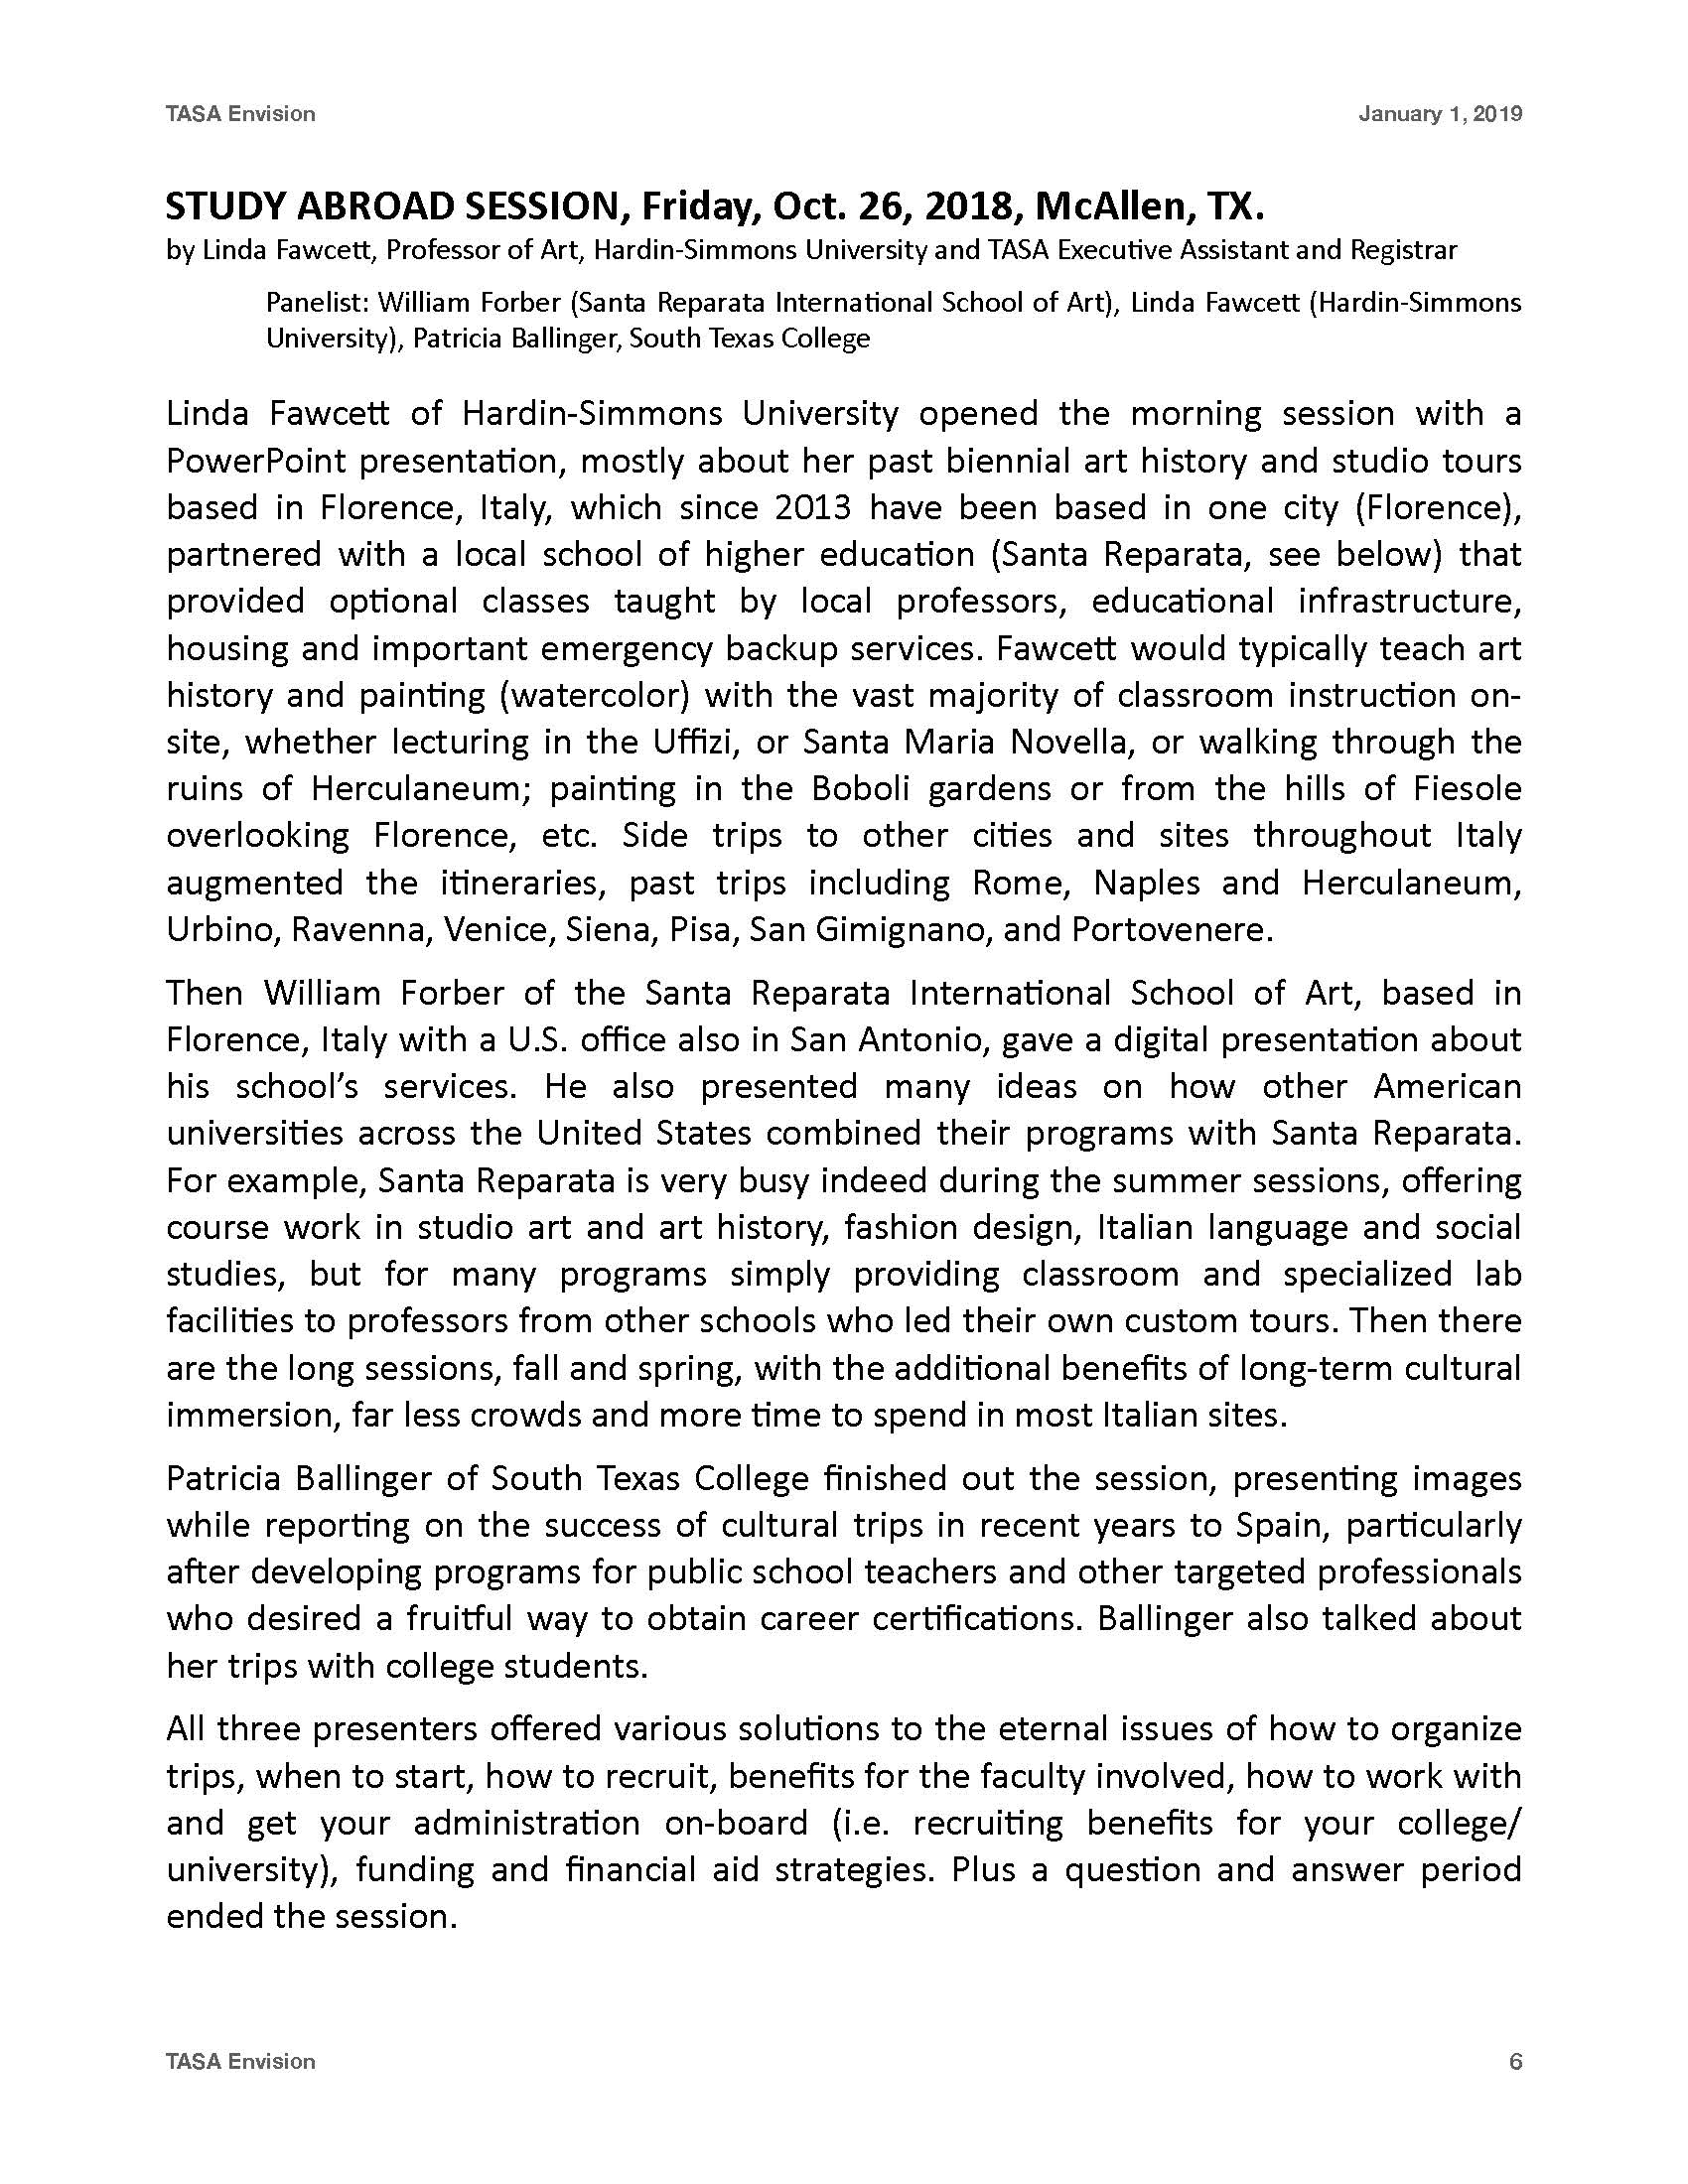 TASA newsletter 2018 McAllen (lower res)(1)_Page_06.jpg